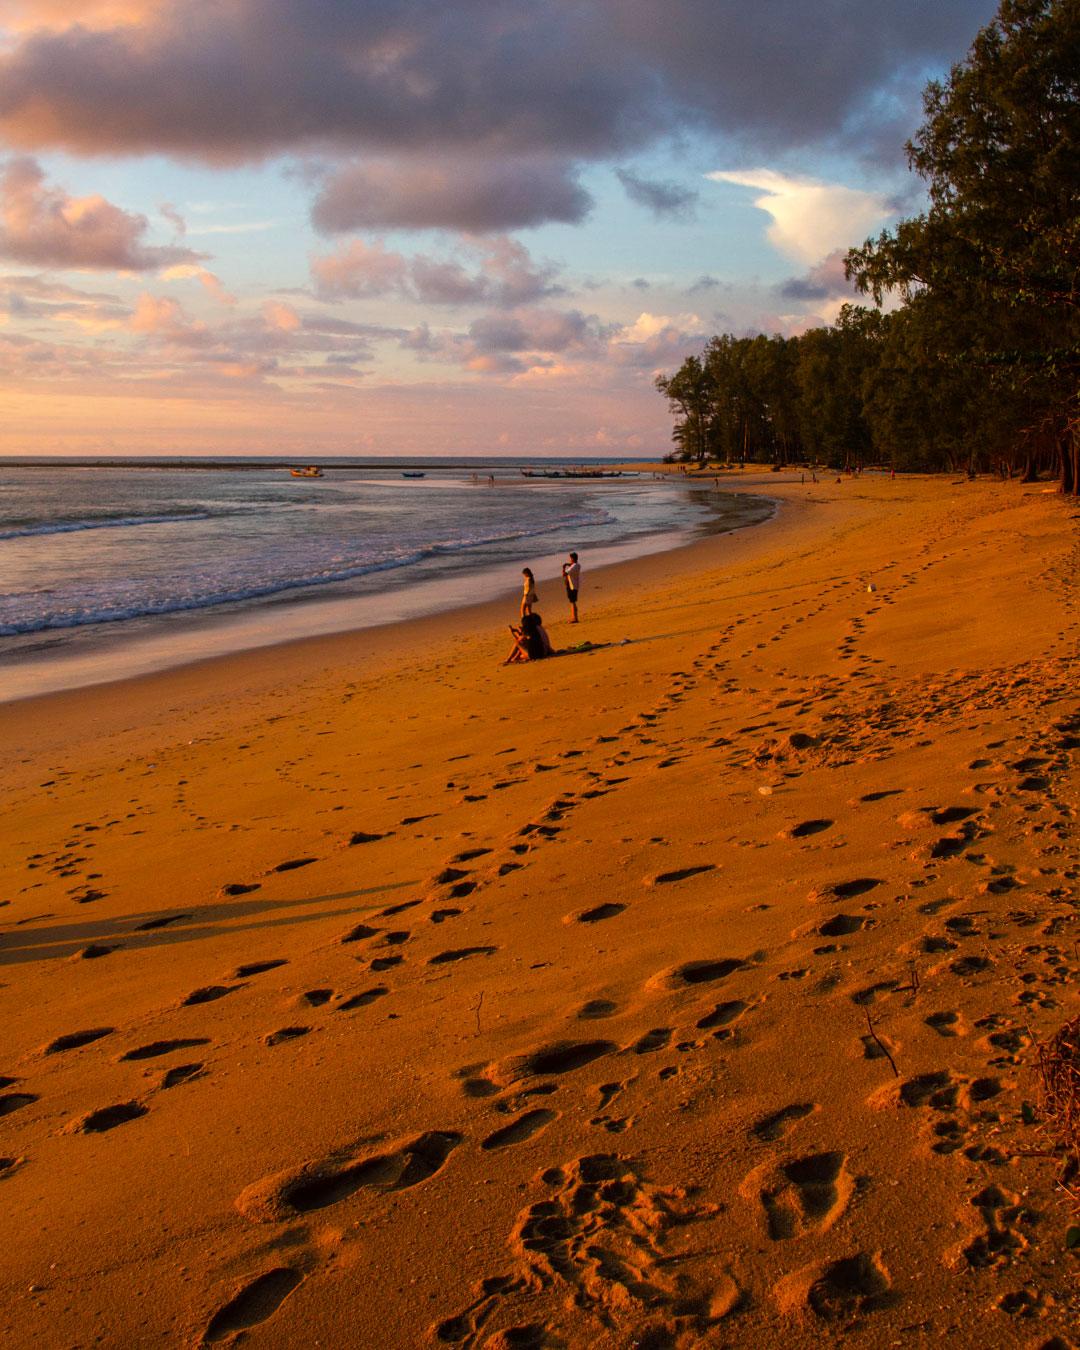 Nai-Yang-Beach Phuket Beaches